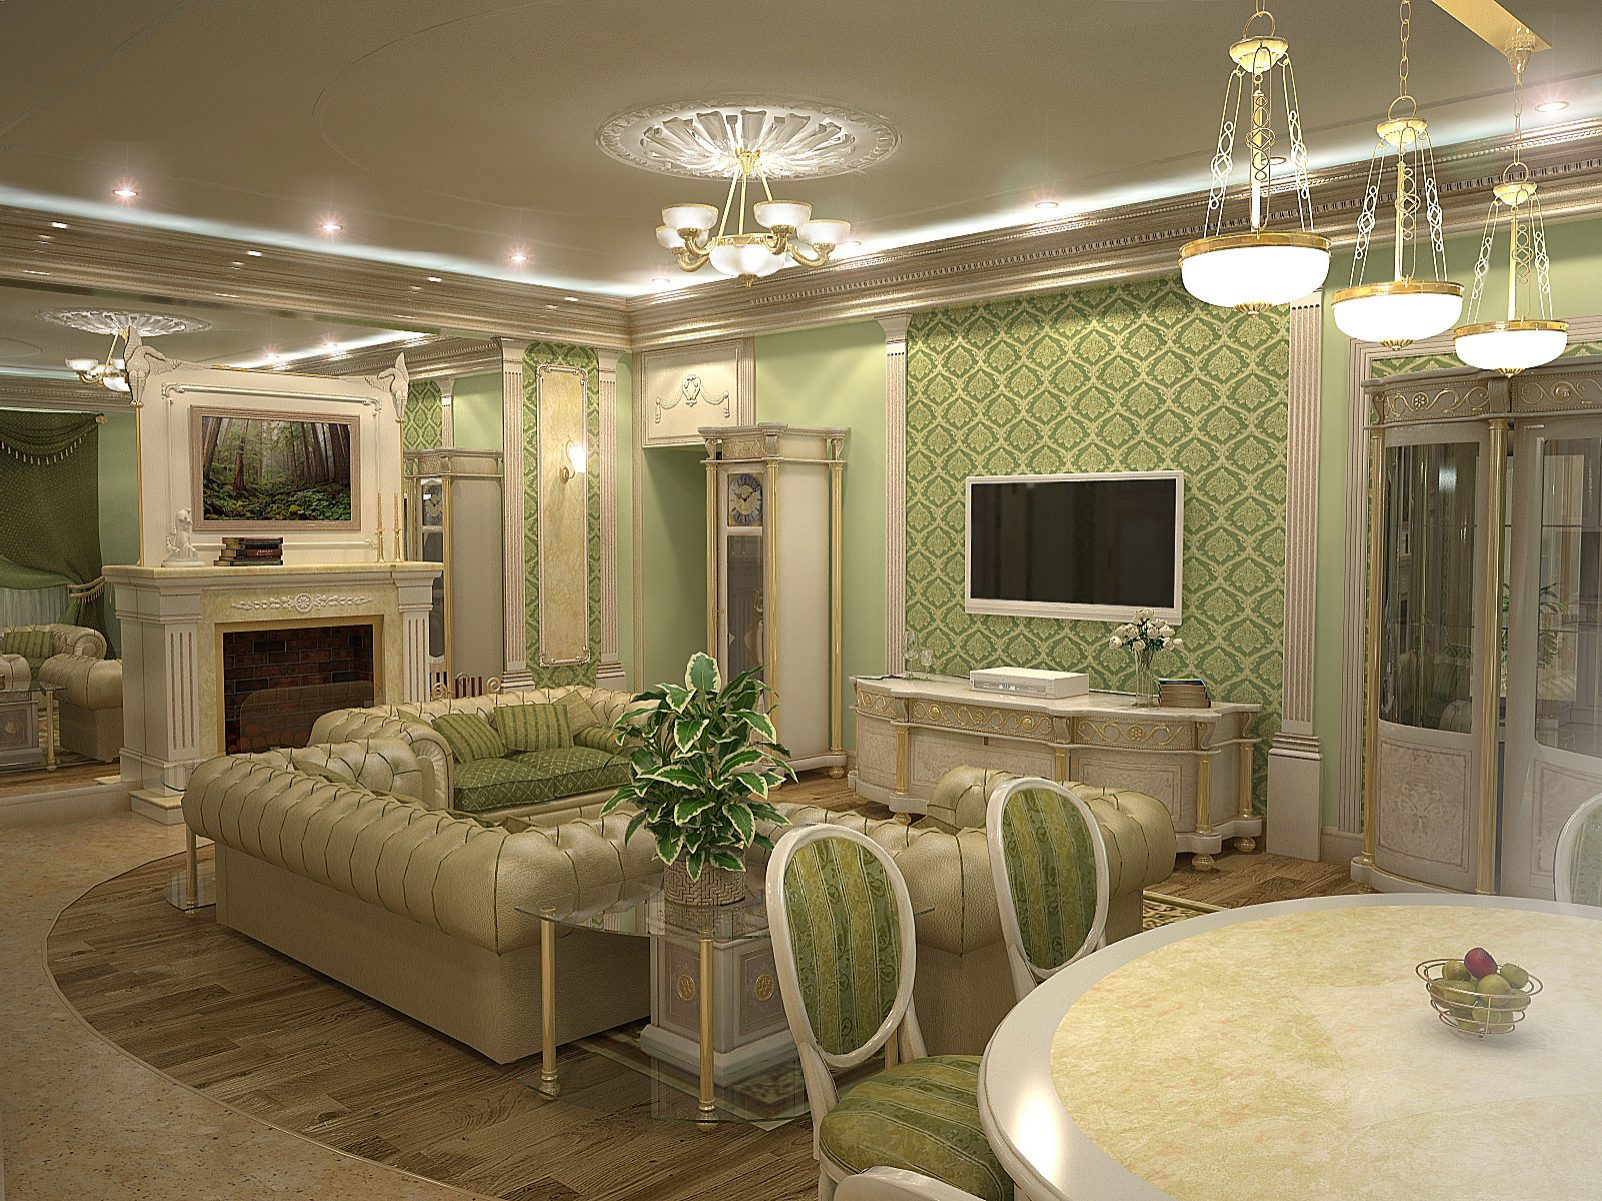 Дизайн интерьера кухни спальни